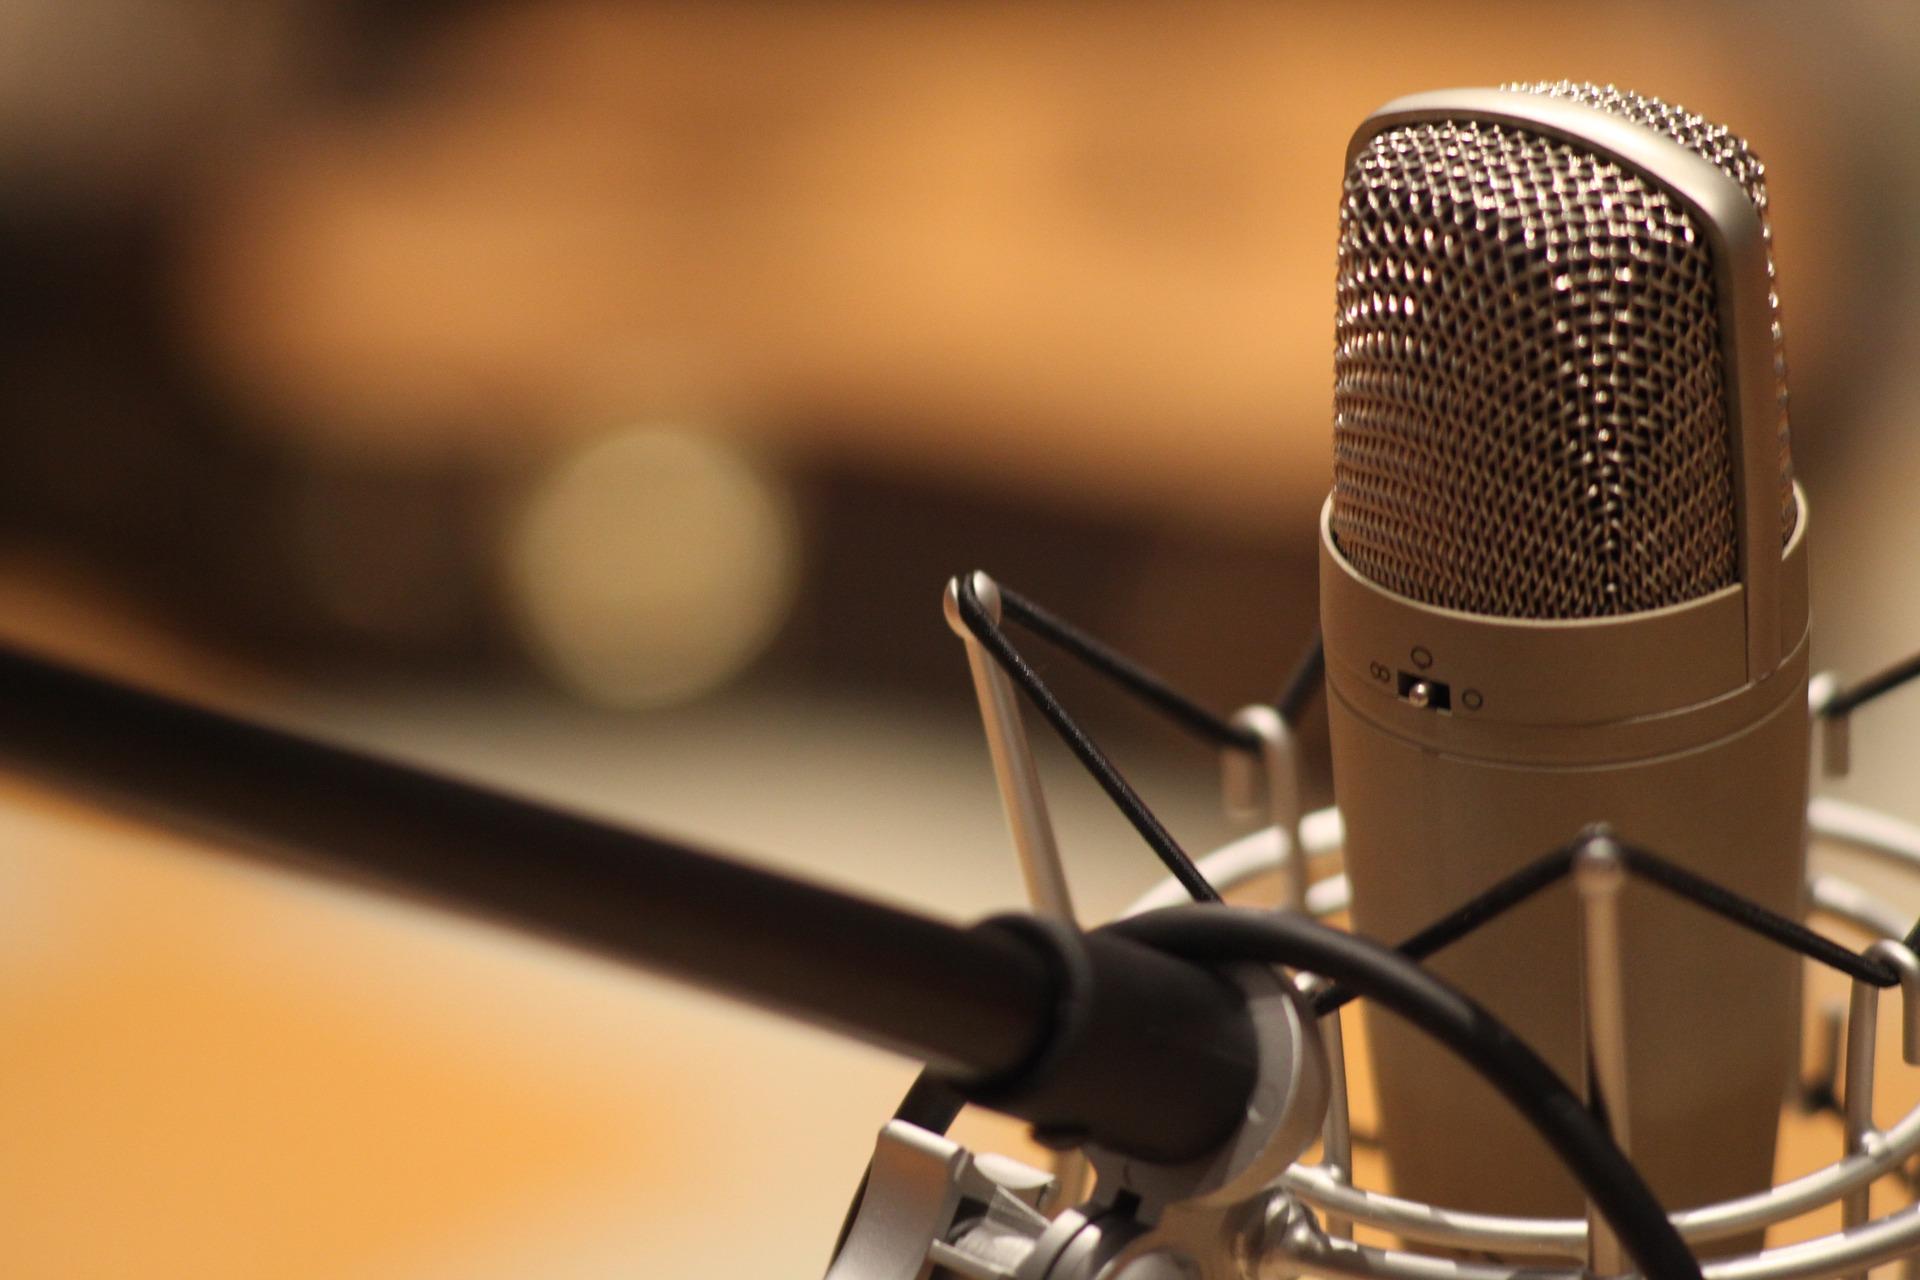 Consignas para radio ¡Necesario para atraer público!